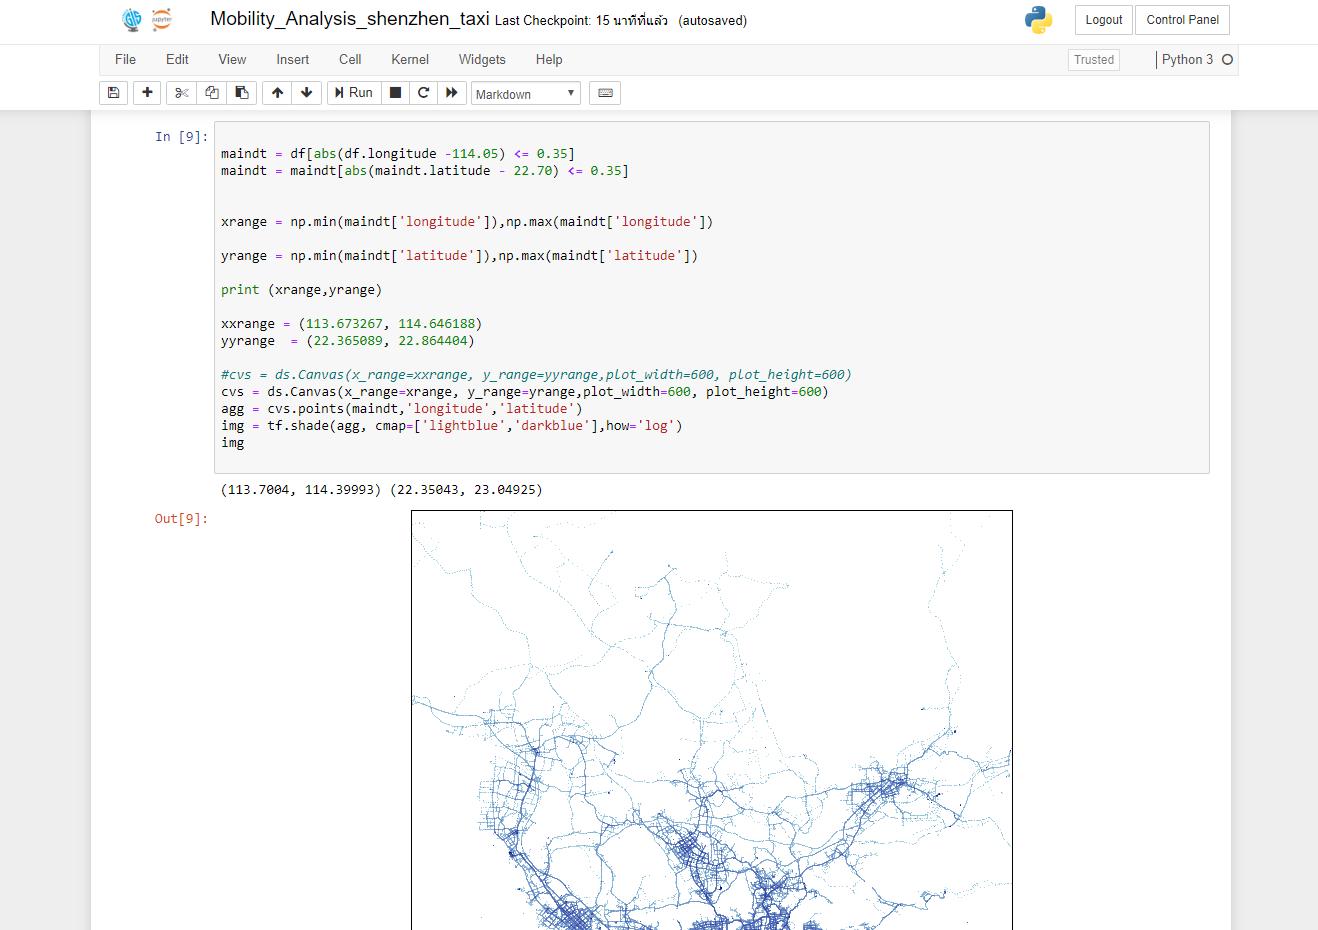 Geovisual Analytics for Shenzhen Taxi Trajectories